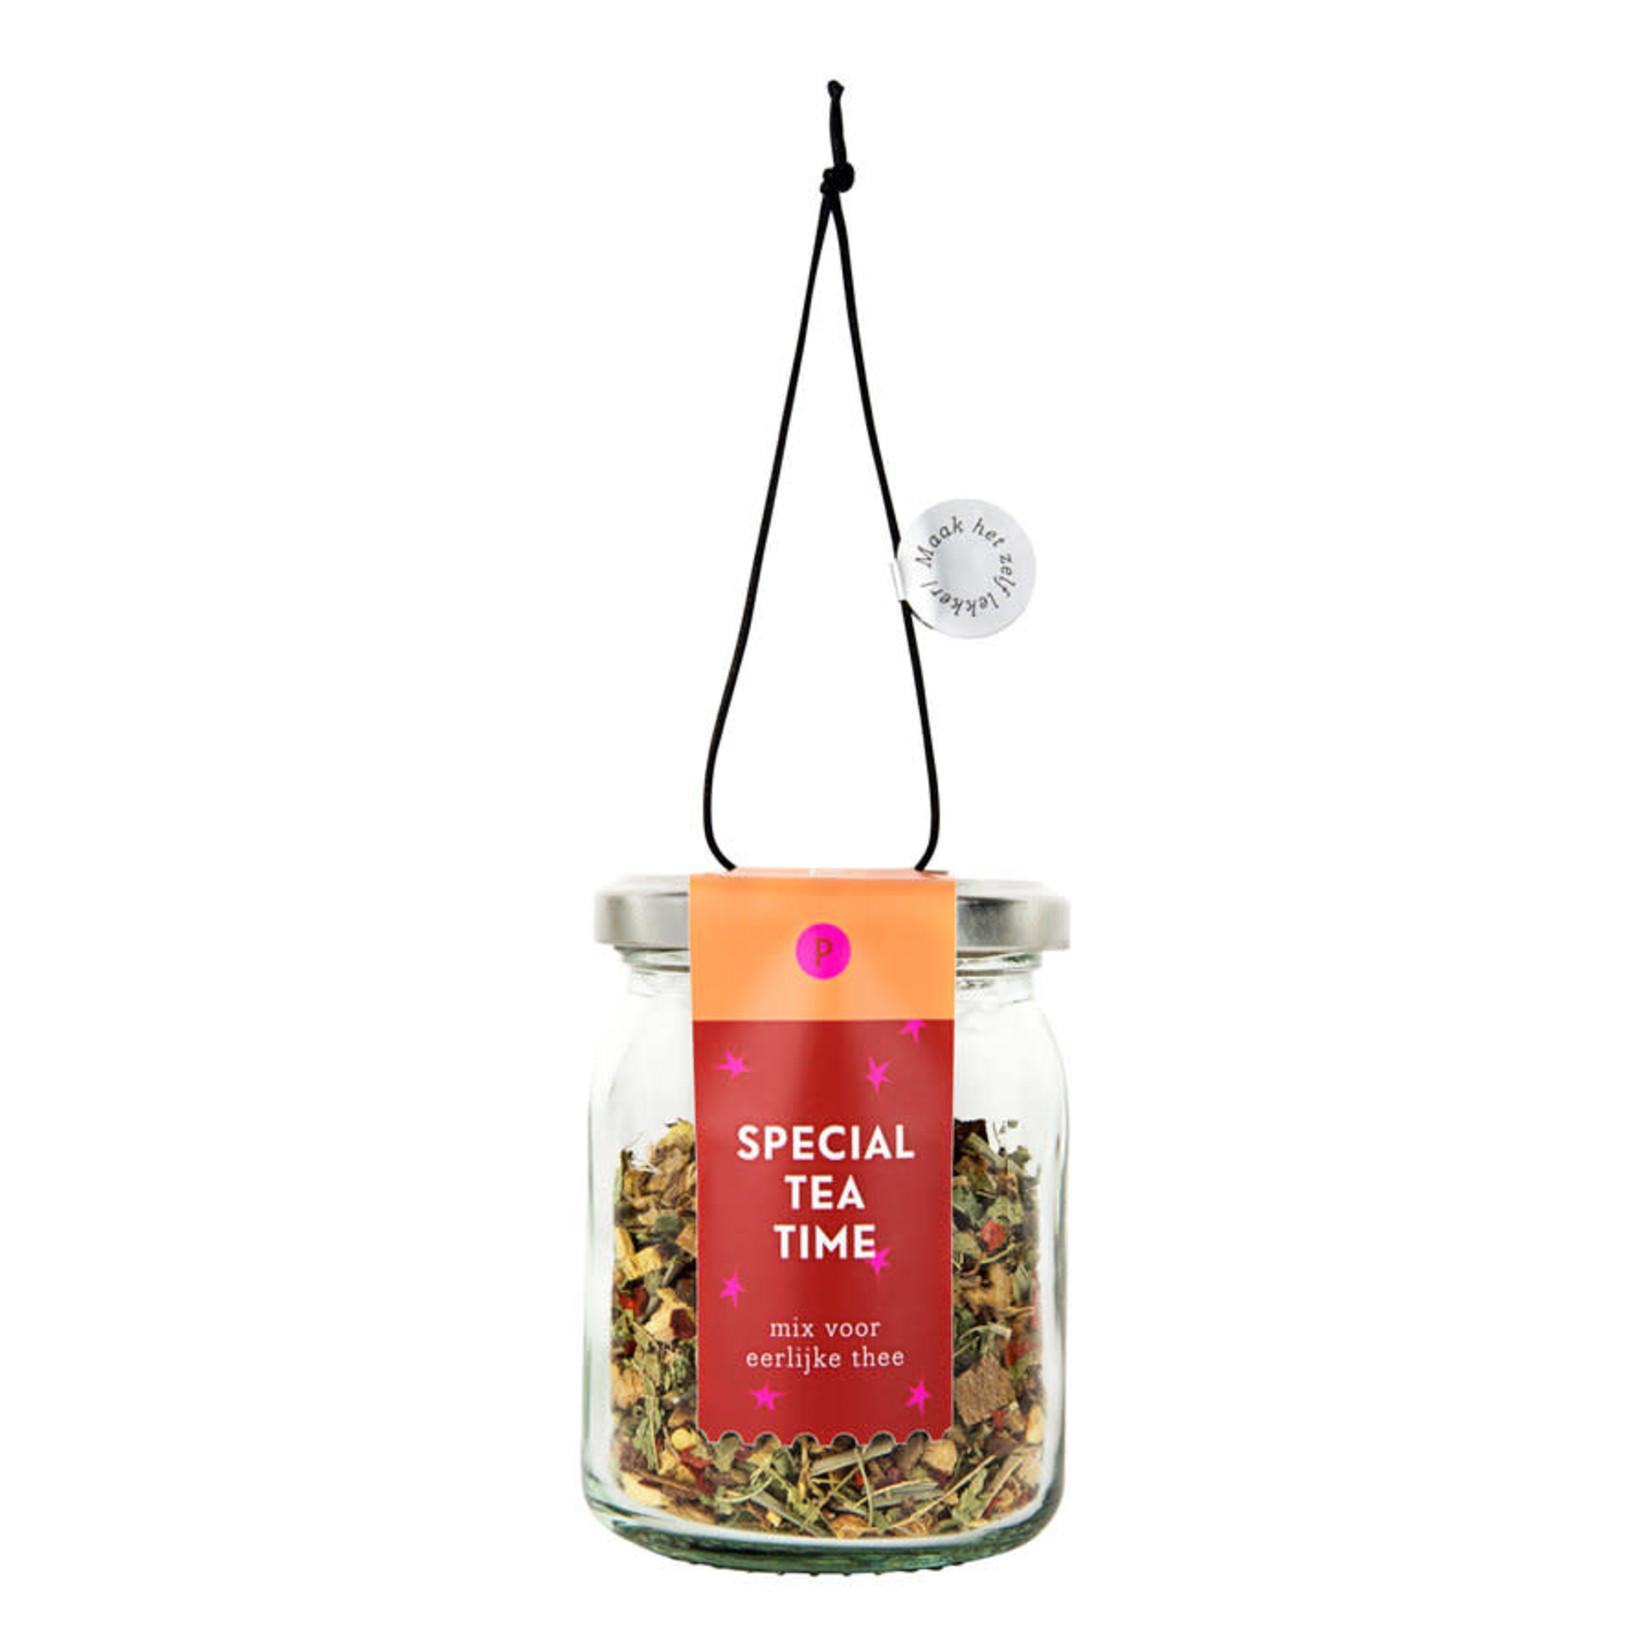 Pineut Pineut Winter Tea Punch Special Tea Time